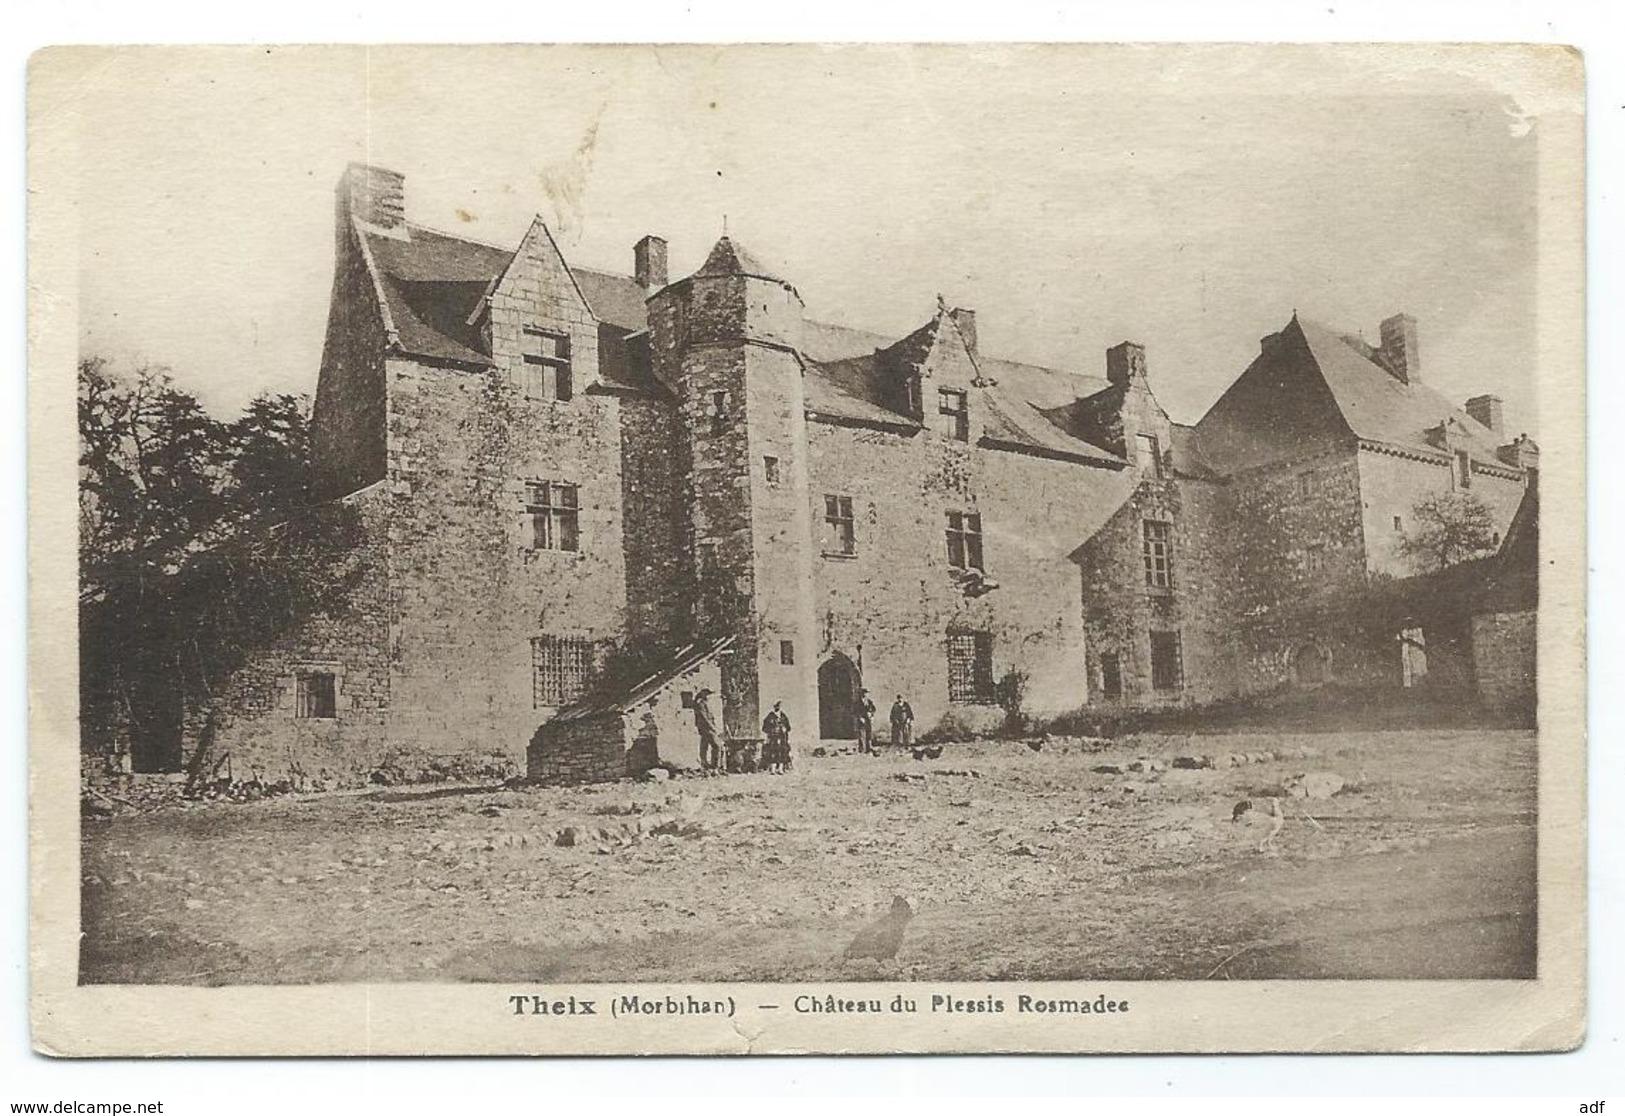 CPSM THEIX, PETITE ANIMATION DEVANT LE CHATEAU DU PLESSIS ROSMADEE, MORBIHAN 56 - Autres Communes